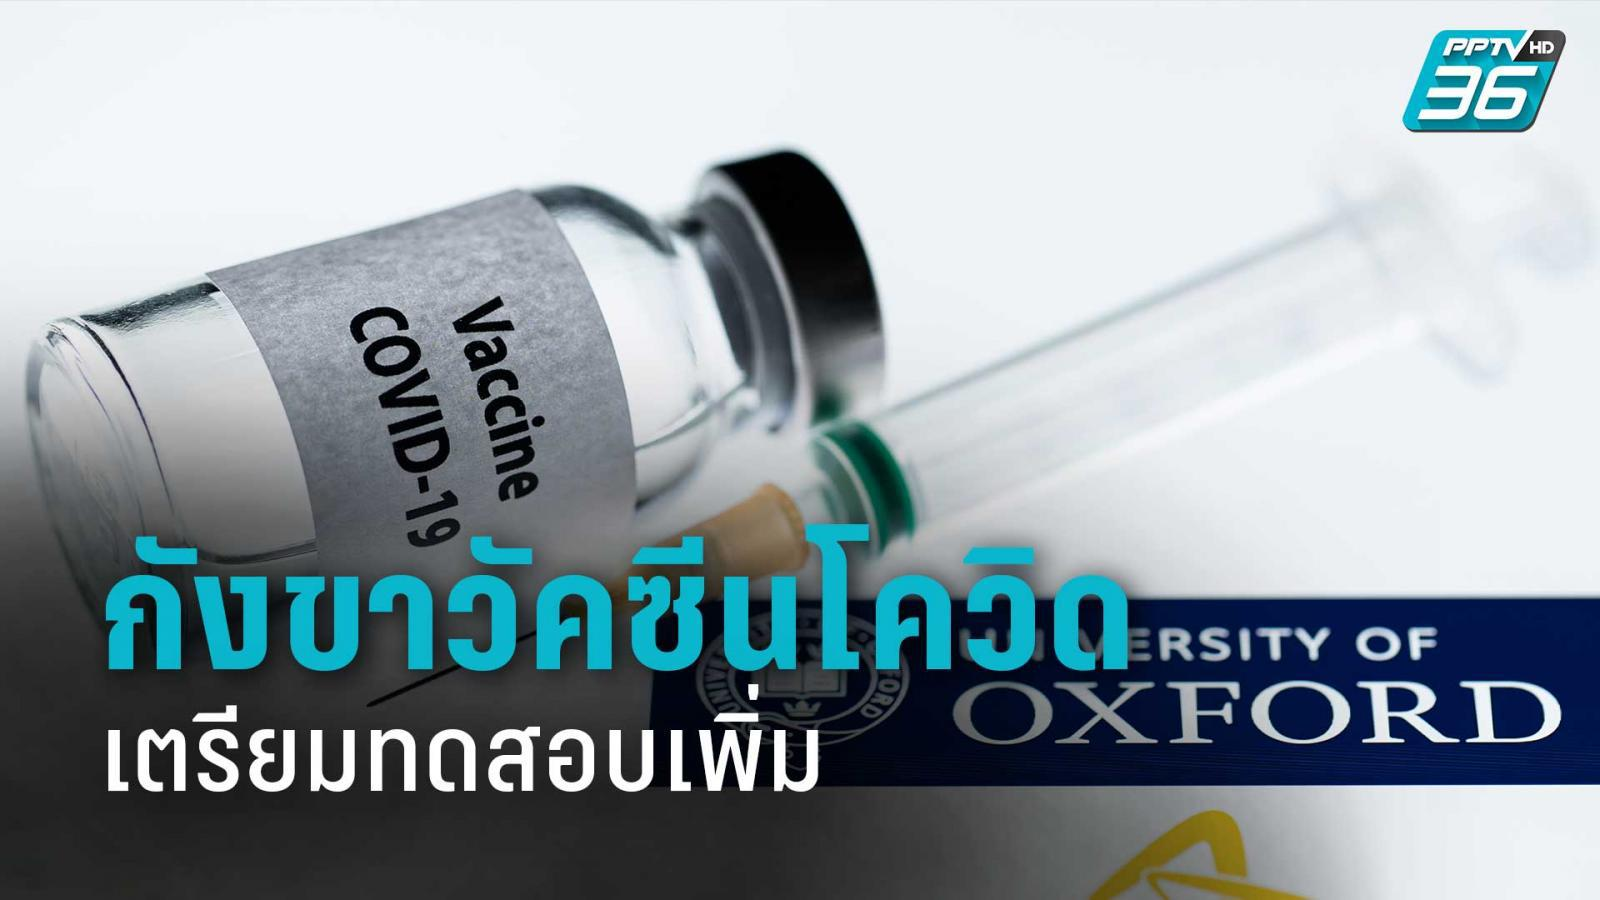 """วัคซีนโควิด """"แอสตร้าเซนเนก้า"""" ที่ไทยจอง เตรียมทดสอบเพิ่ม หลังถูกกังขาเรื่องประสิทธิภาพ"""